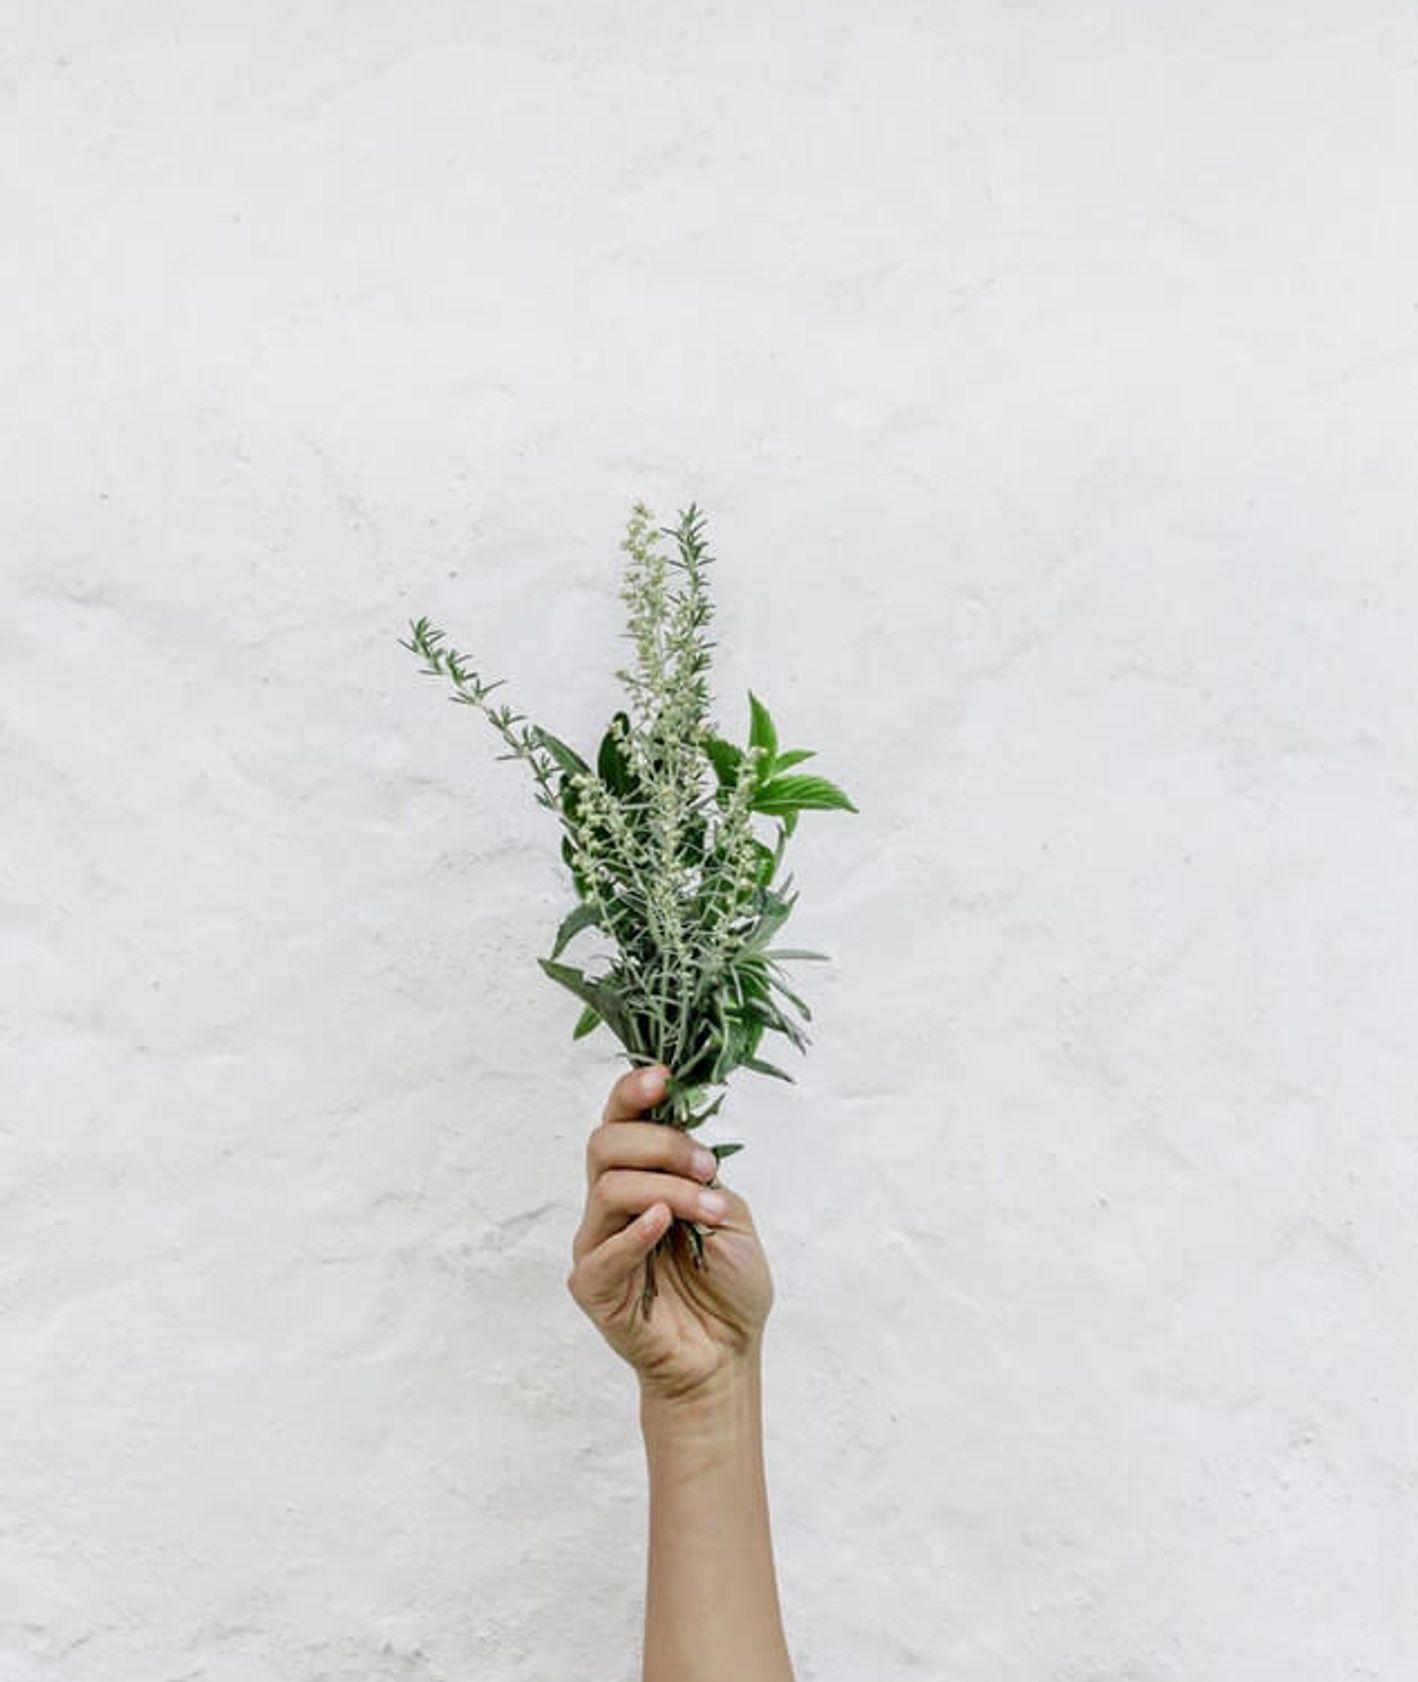 Bukiet polnych ziół trzymany w dłoni  (fot. Norwood Themes)